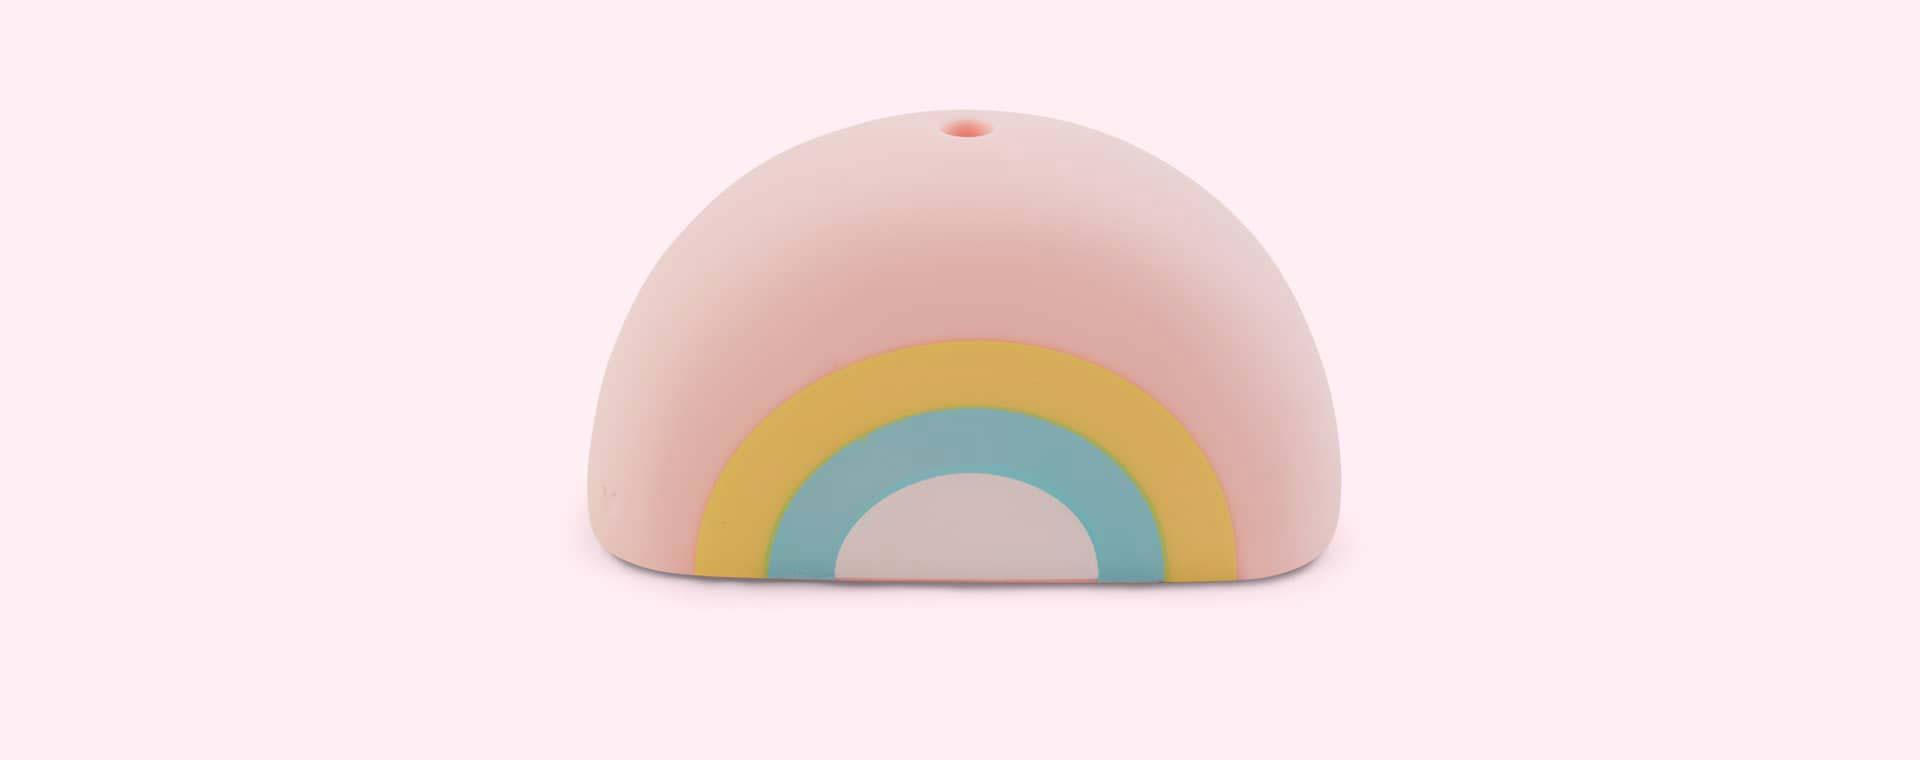 Rainbow A Little Lovely Company Rainbow Bath Toy